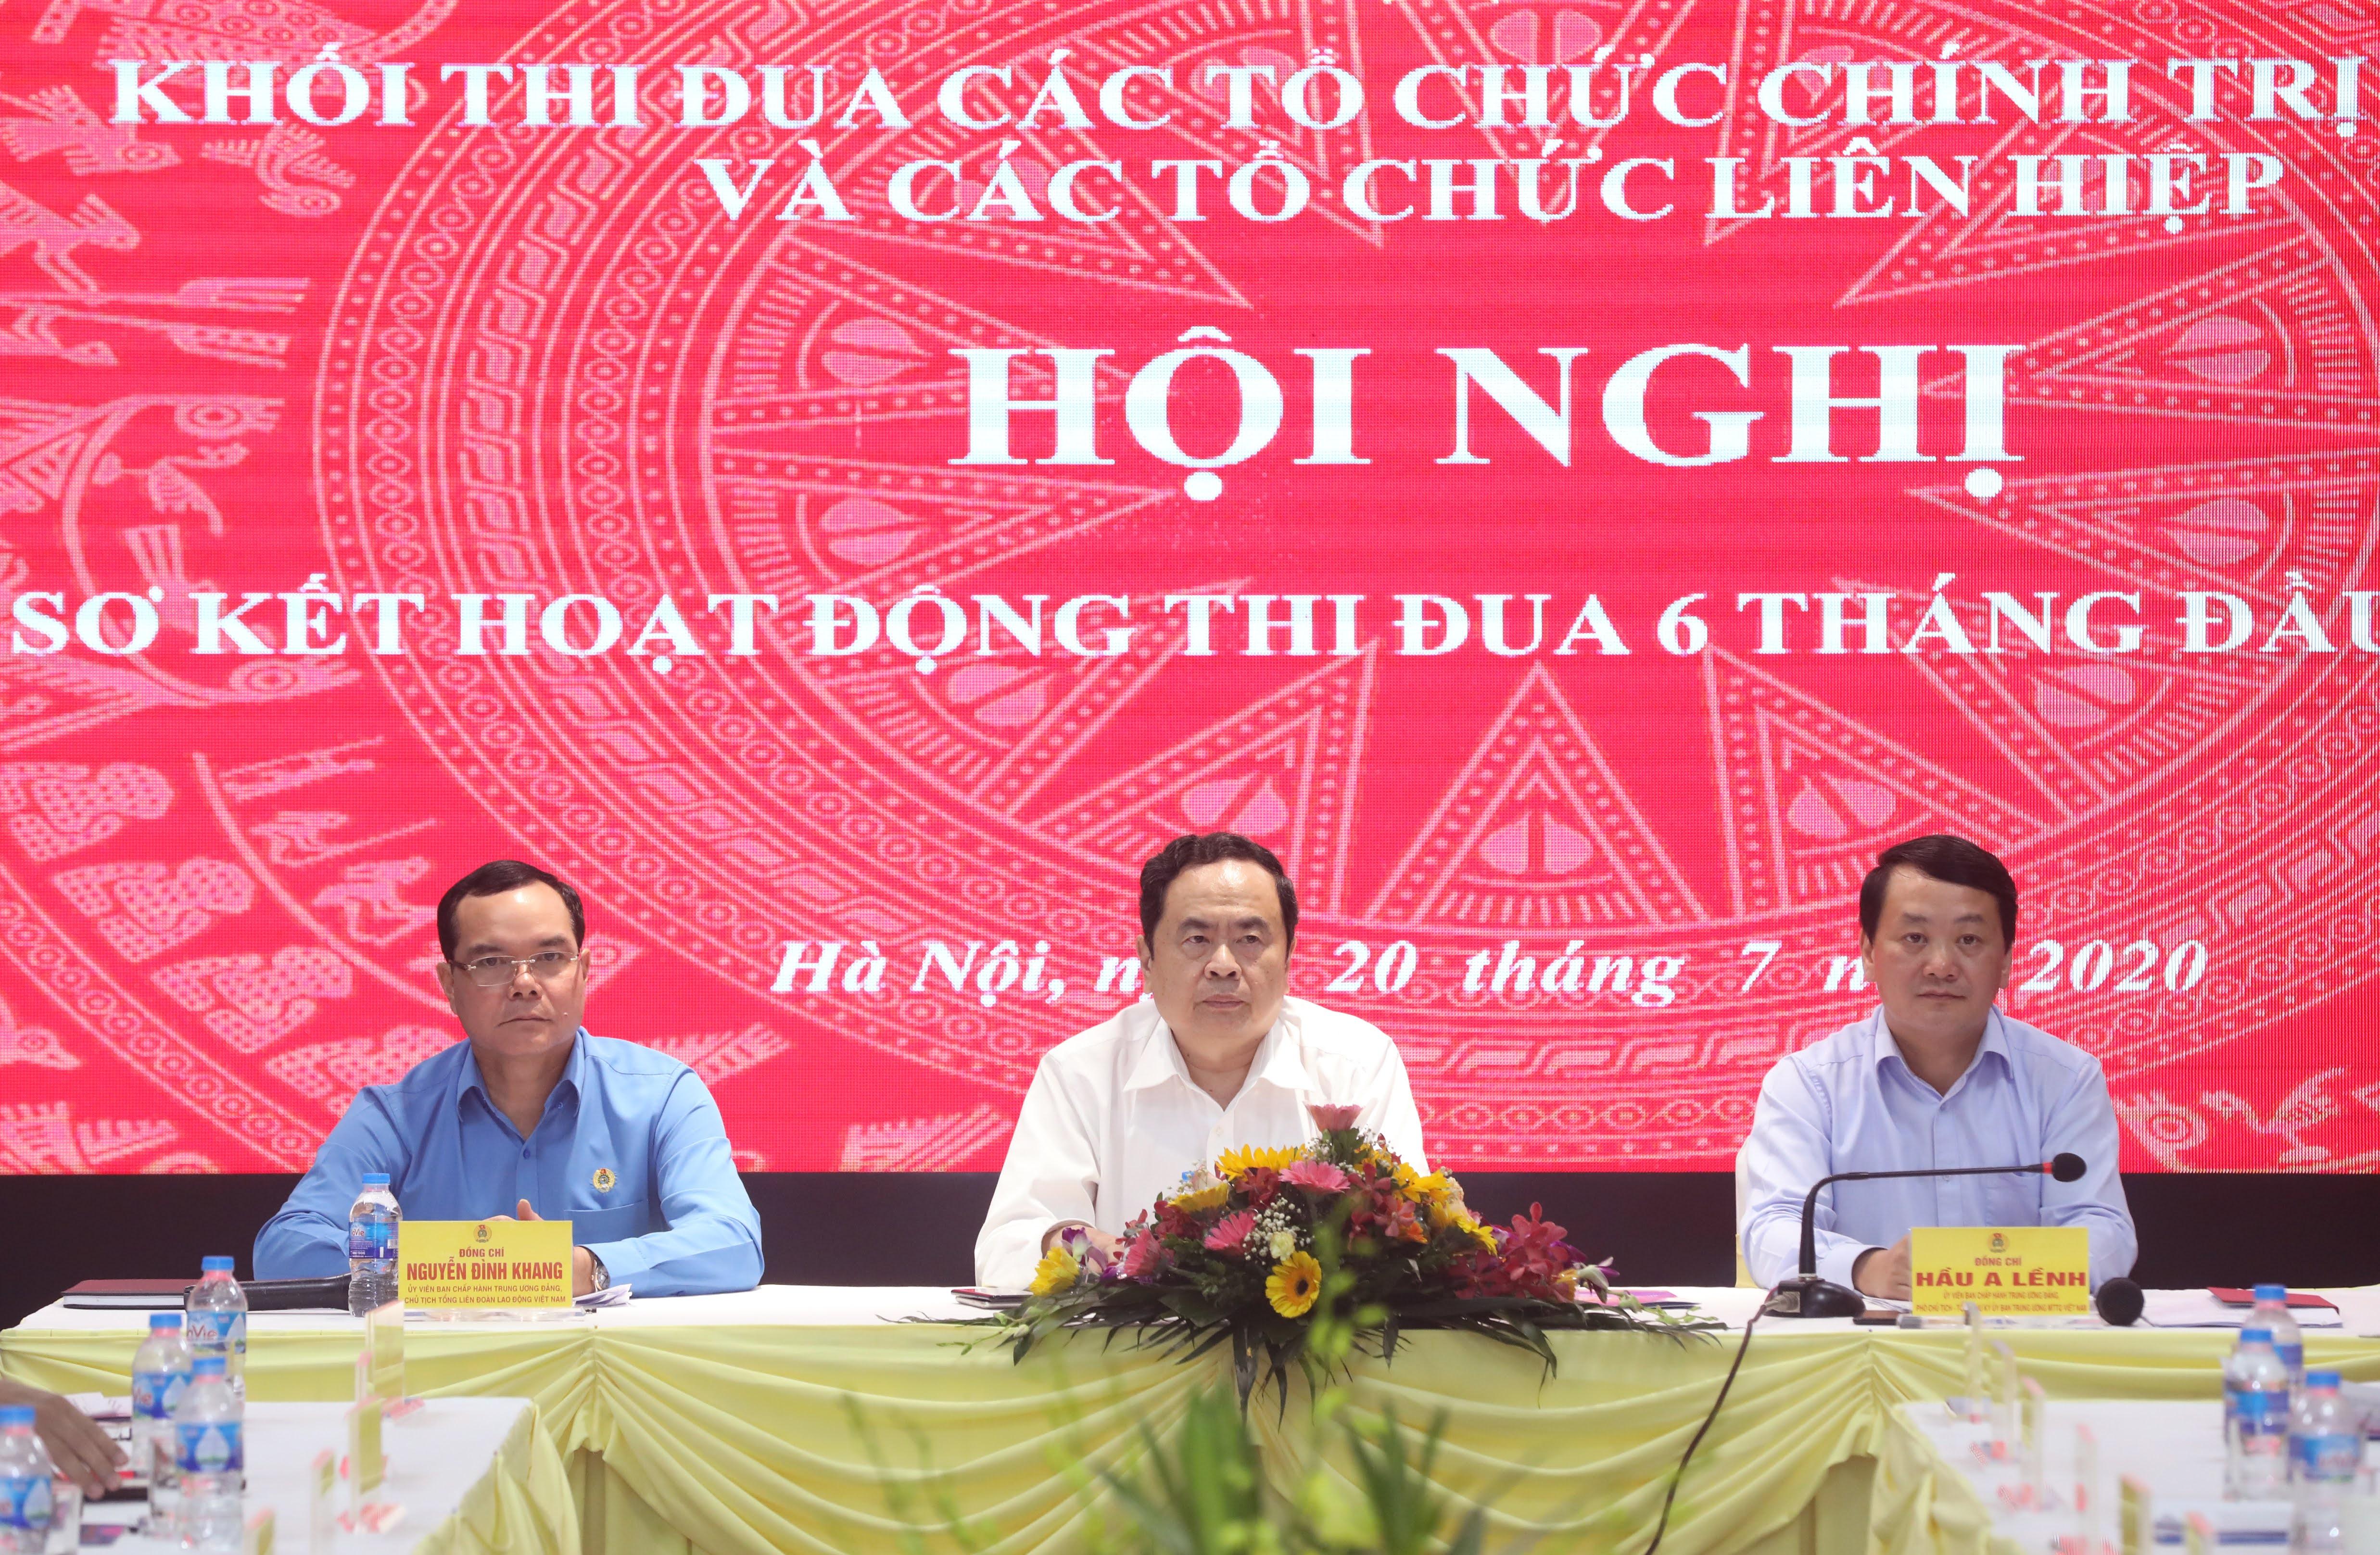 Chủ tịch Trần Thanh Mẫn chủ trì Hội nghị. Ảnh: Quang Vinh.